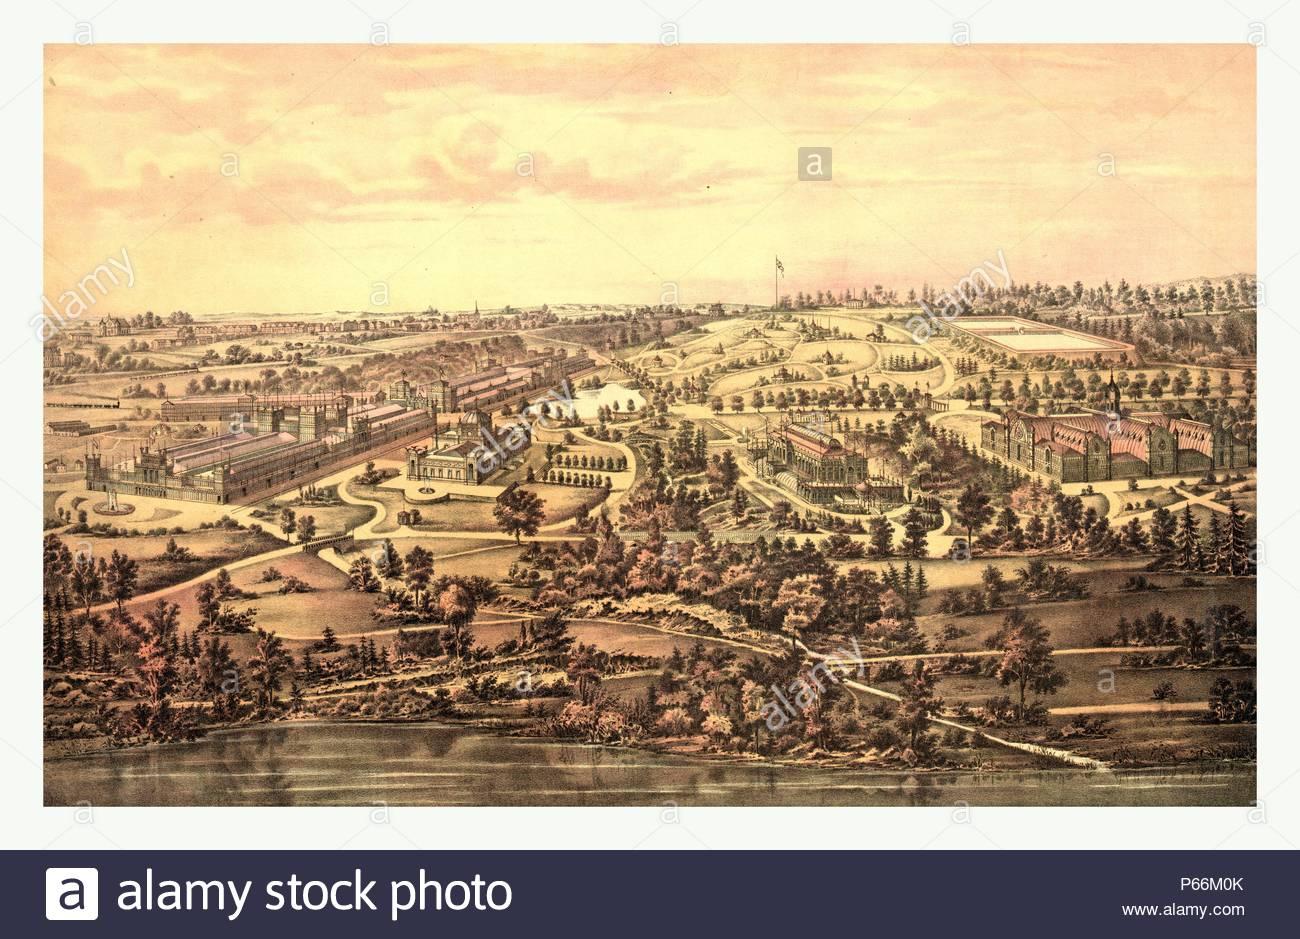 Bird's eye view, Centennial Buildings, Fairmount Park, Philadelphia by H.J. Toudy & Co., circa 1875, US, USA, America. - Stock Image